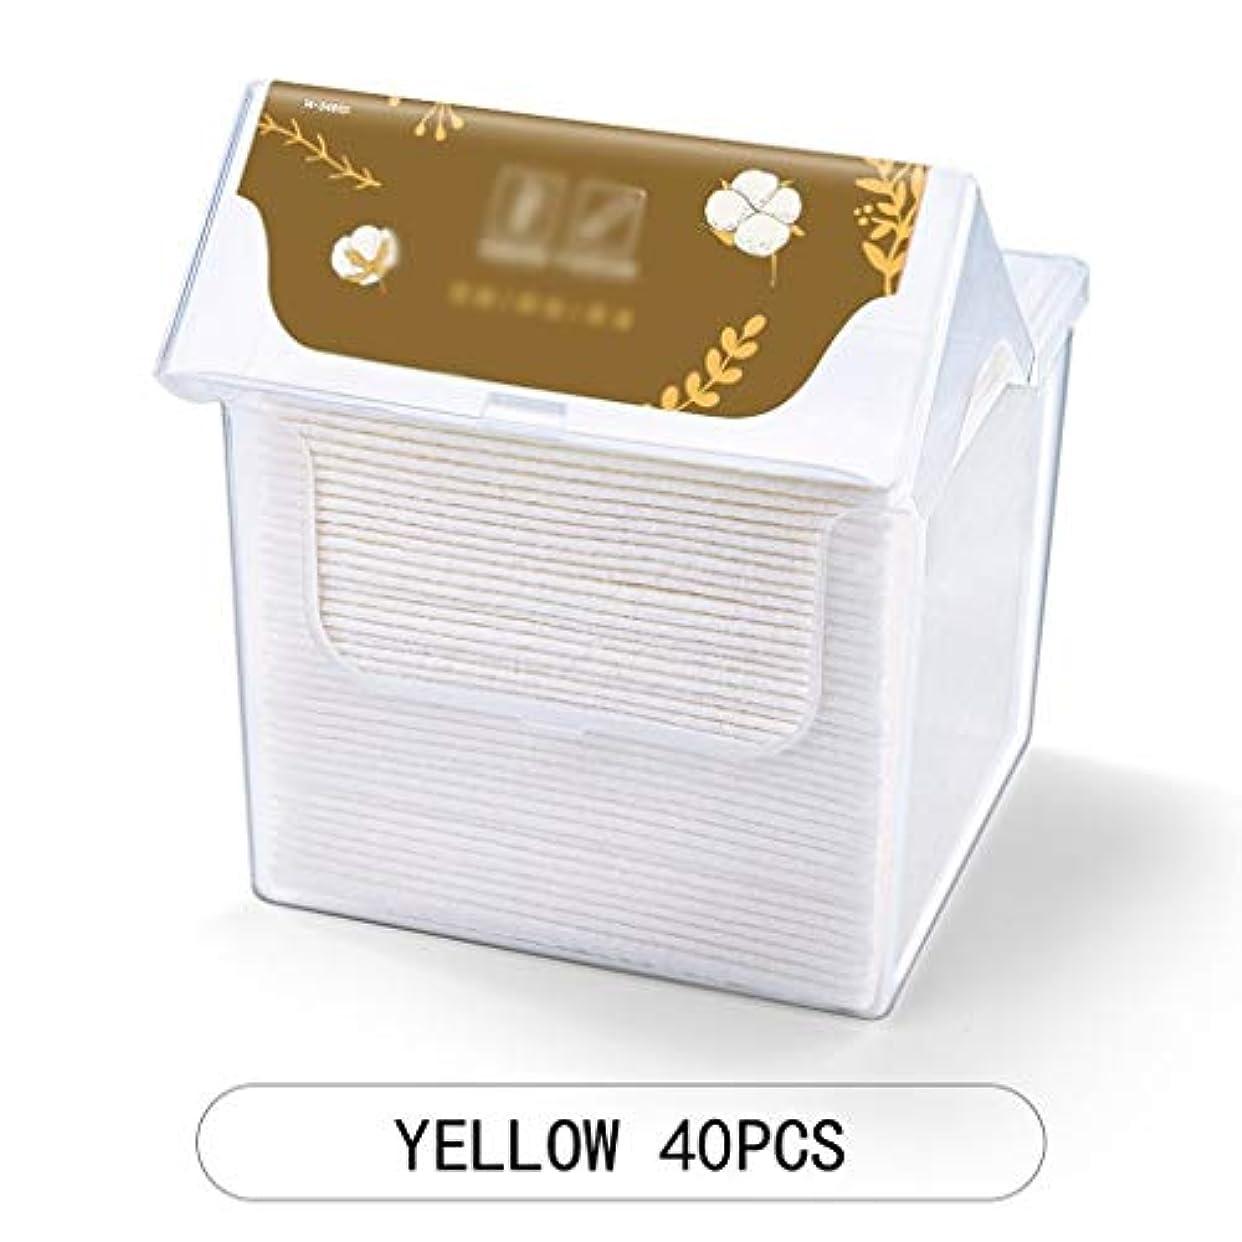 夜間指紋仕立て屋クレンジングシート 柔らかい綿のティッシュメイクアップワイプ多目的フェイスクリーニングフェイスクロスコットンパッドメイクアップ取り外し家庭用クリーニング (Color : Green)